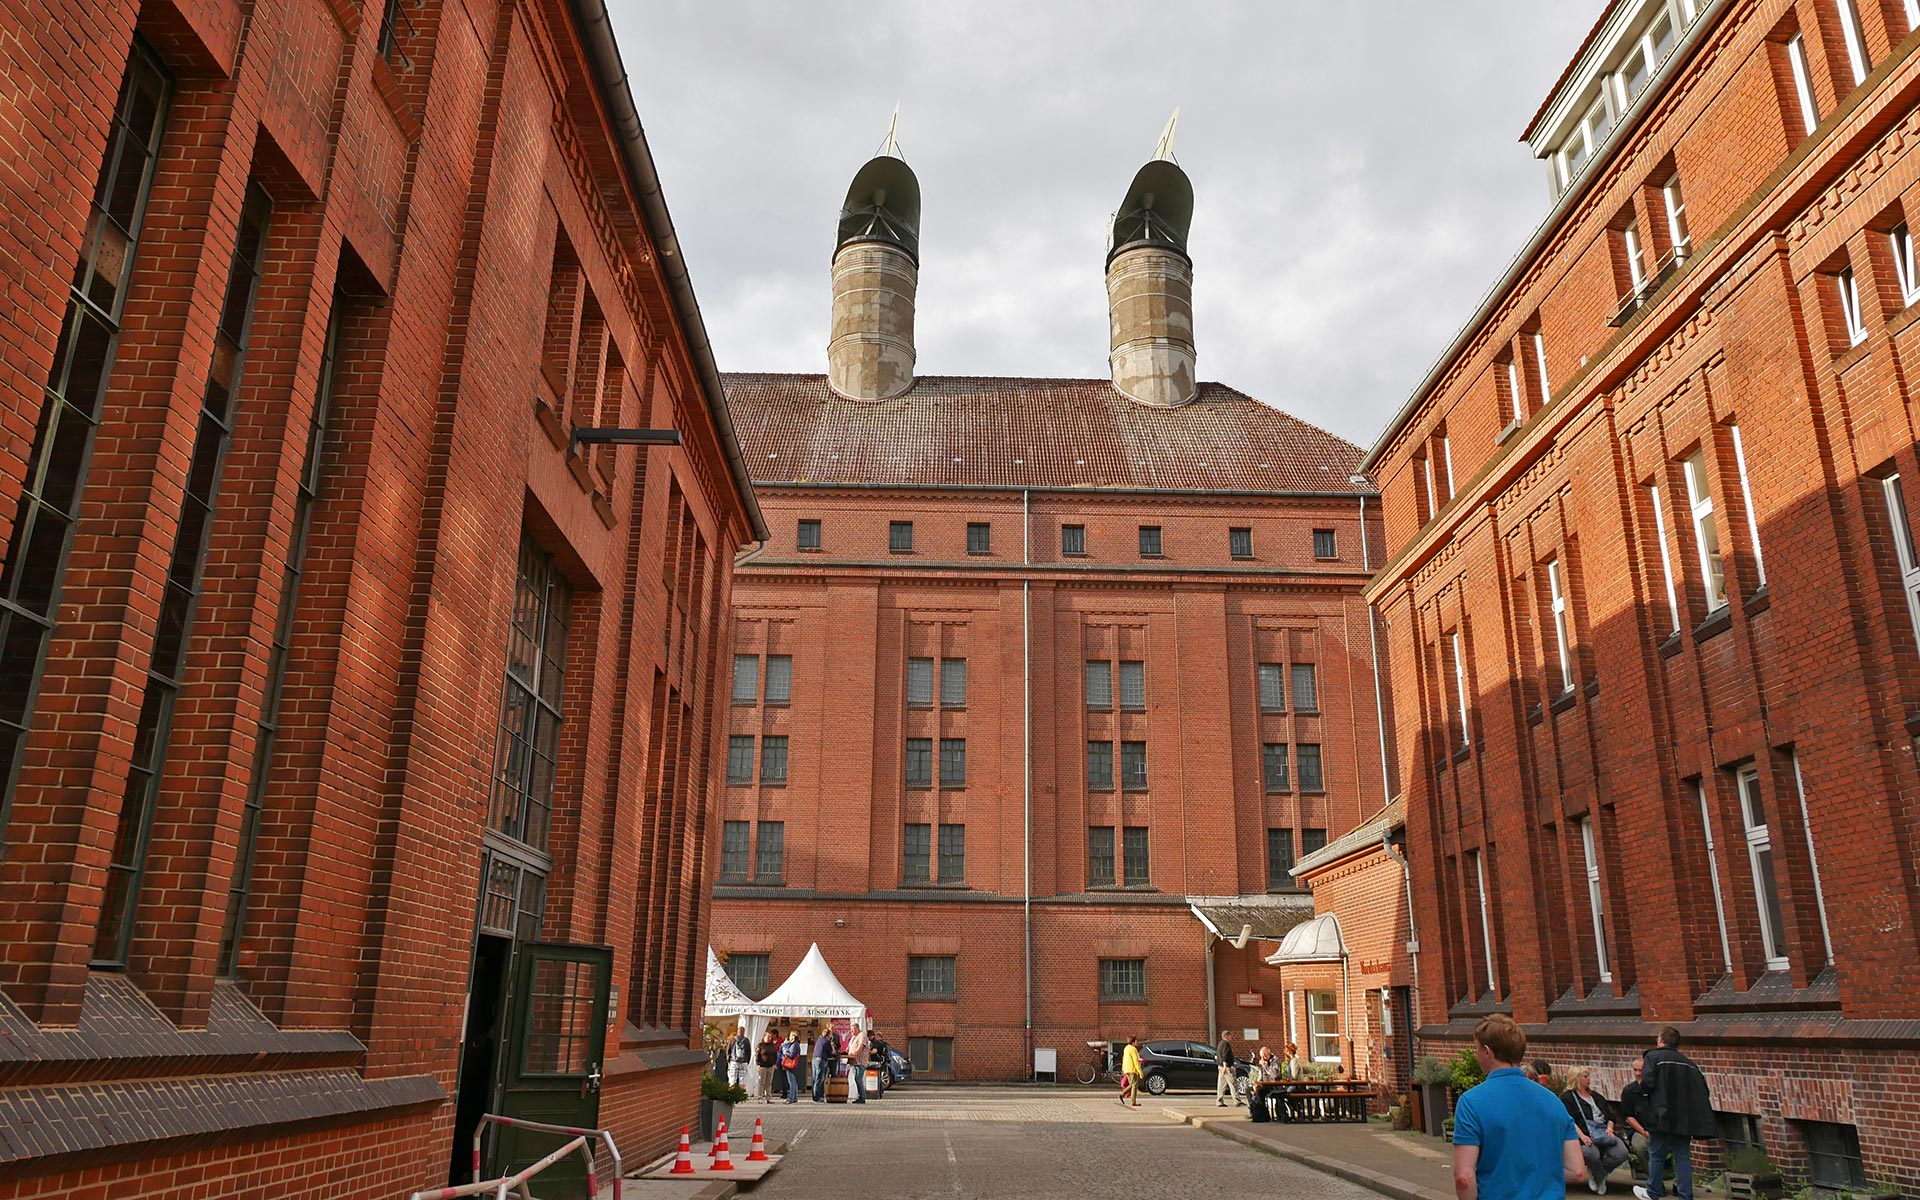 Passende Kulisse: Wir haben den Glenfiddich IPA beim Whiskyherbst in der Malzfabrik verkostet, einer ehemaligen Brauerei (Foto: Malt Whisky)